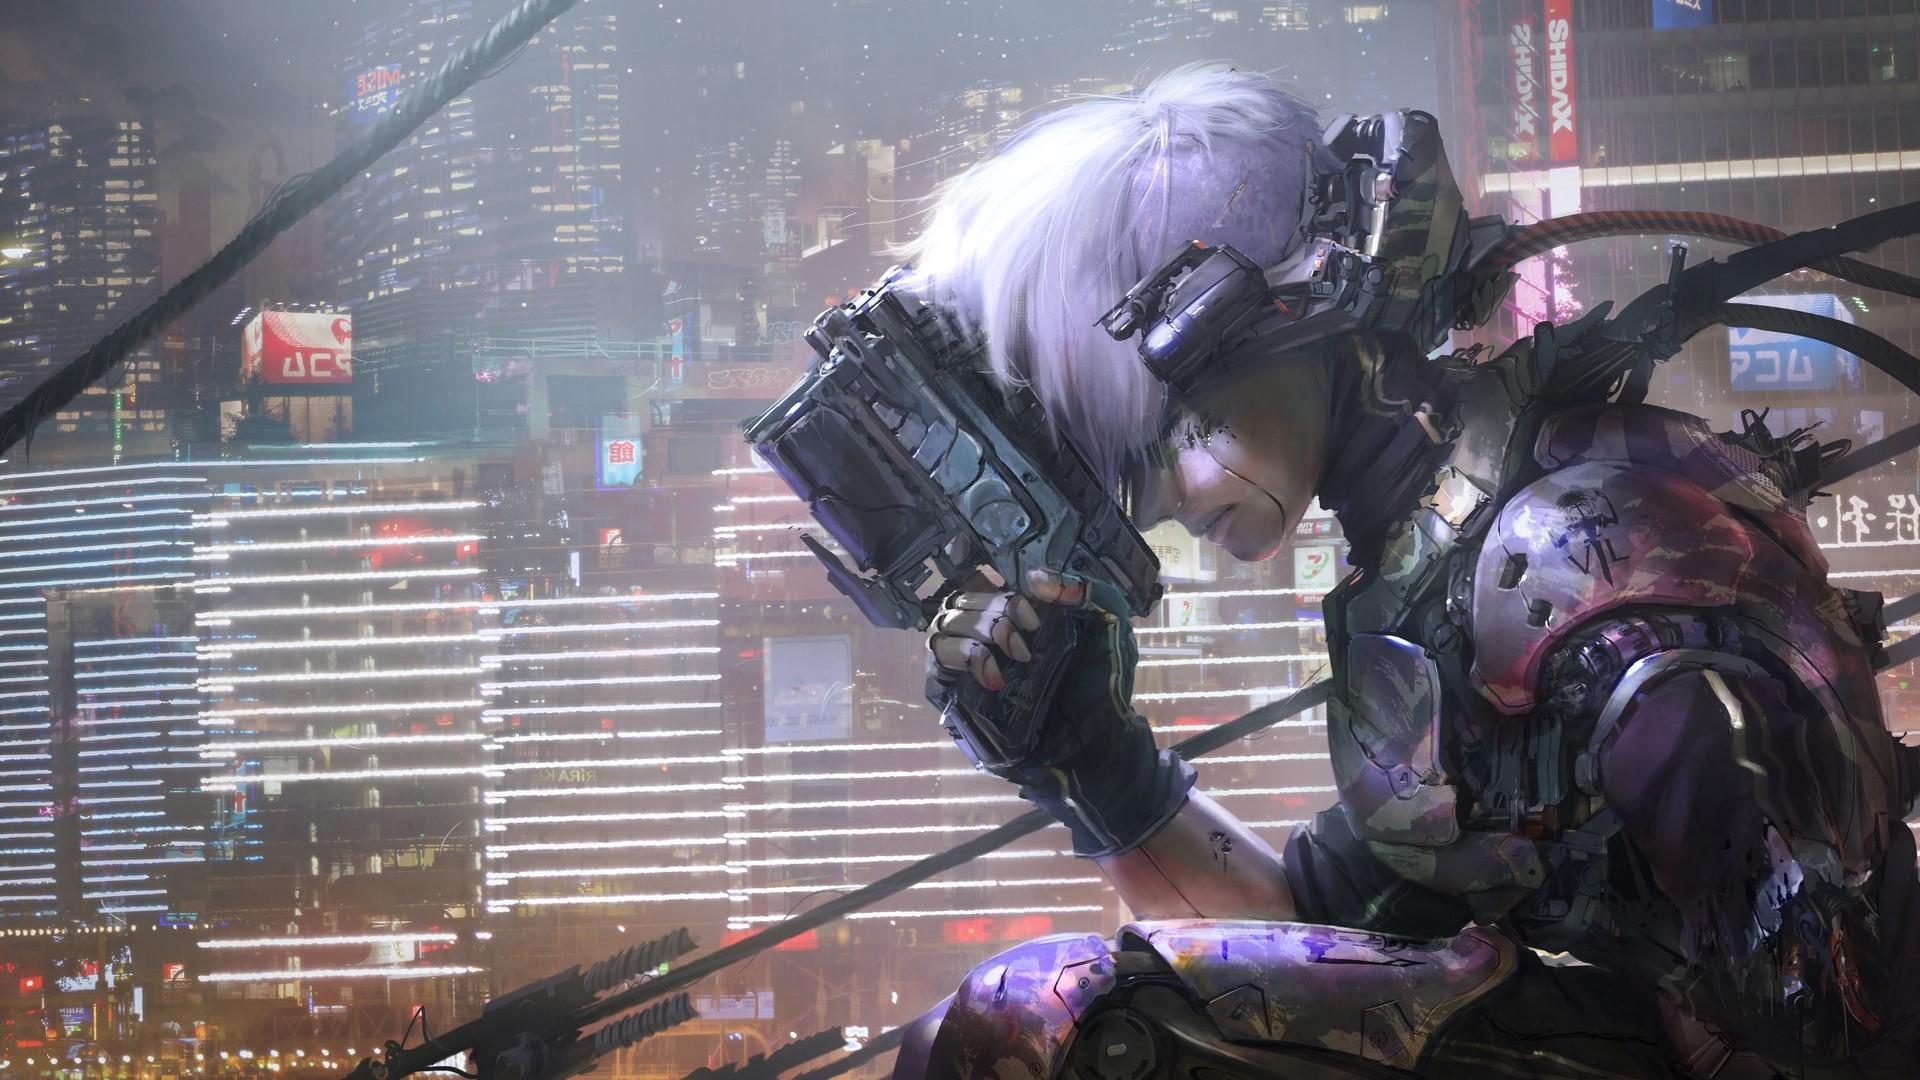 5b3d76fdea75a.jpg - Cyberpunk 2077